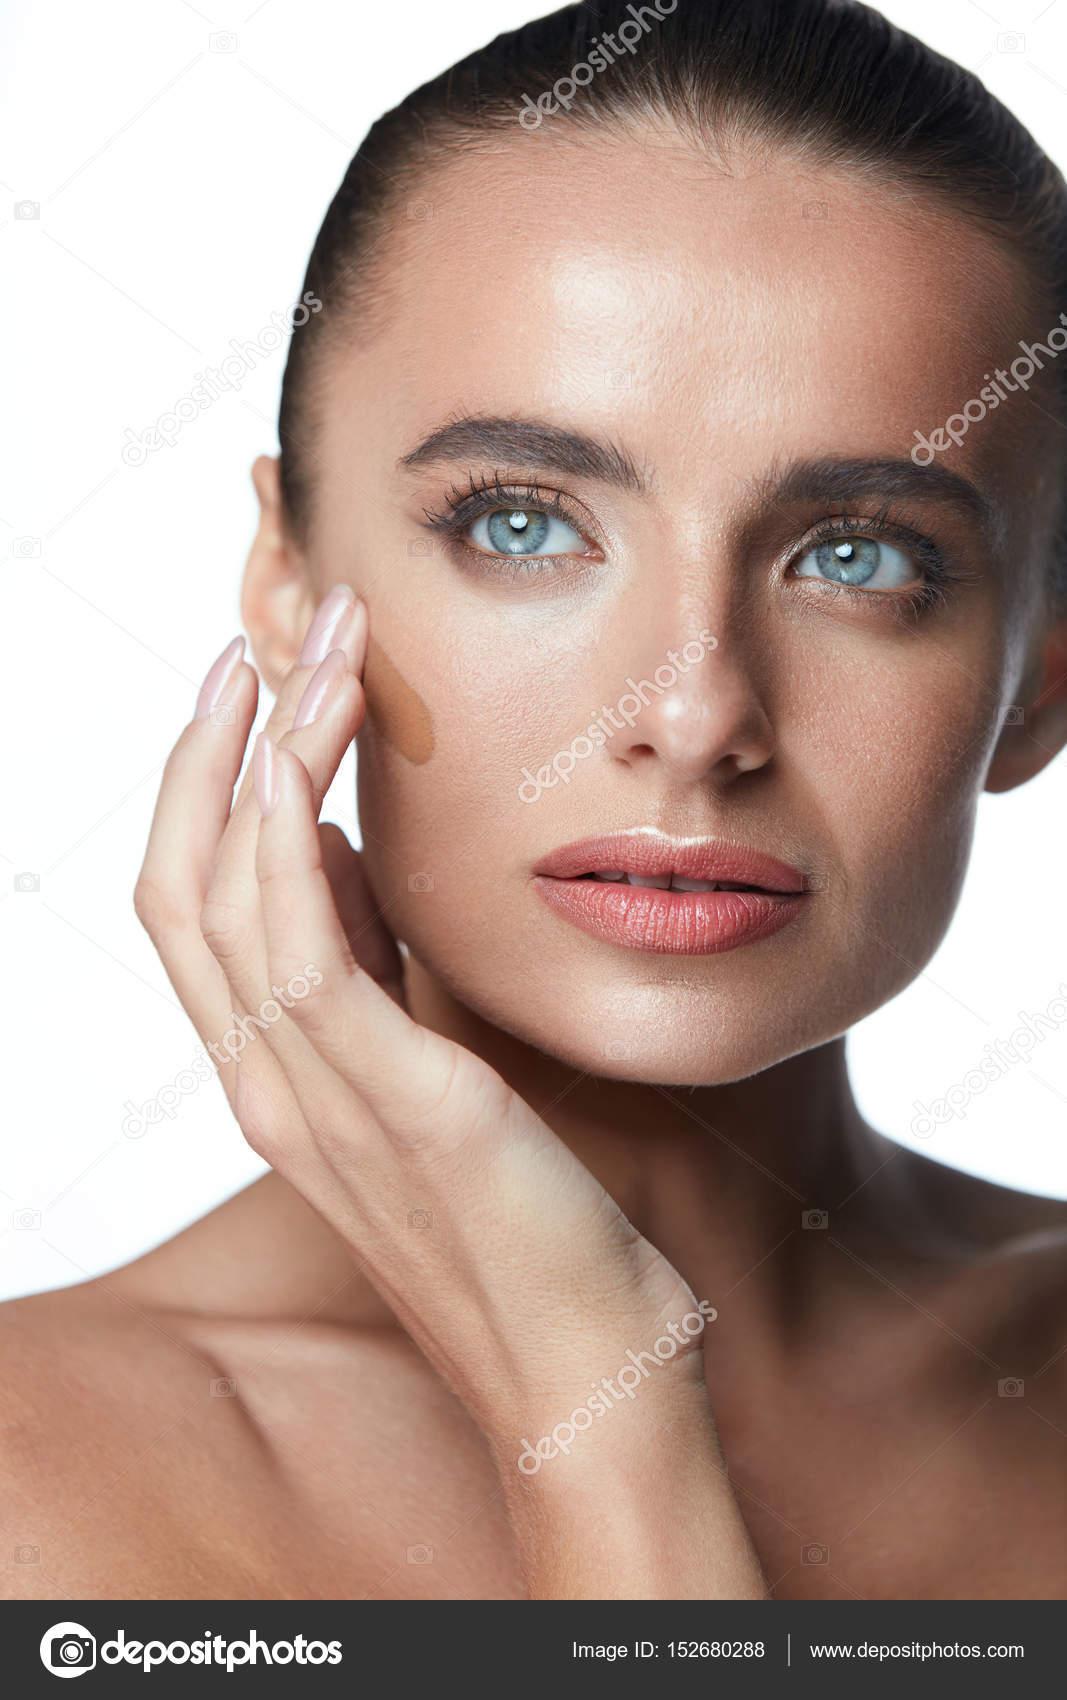 Gesichtspflege Sexy Frau Dunkle Foundation Auf Perfektes Gesicht